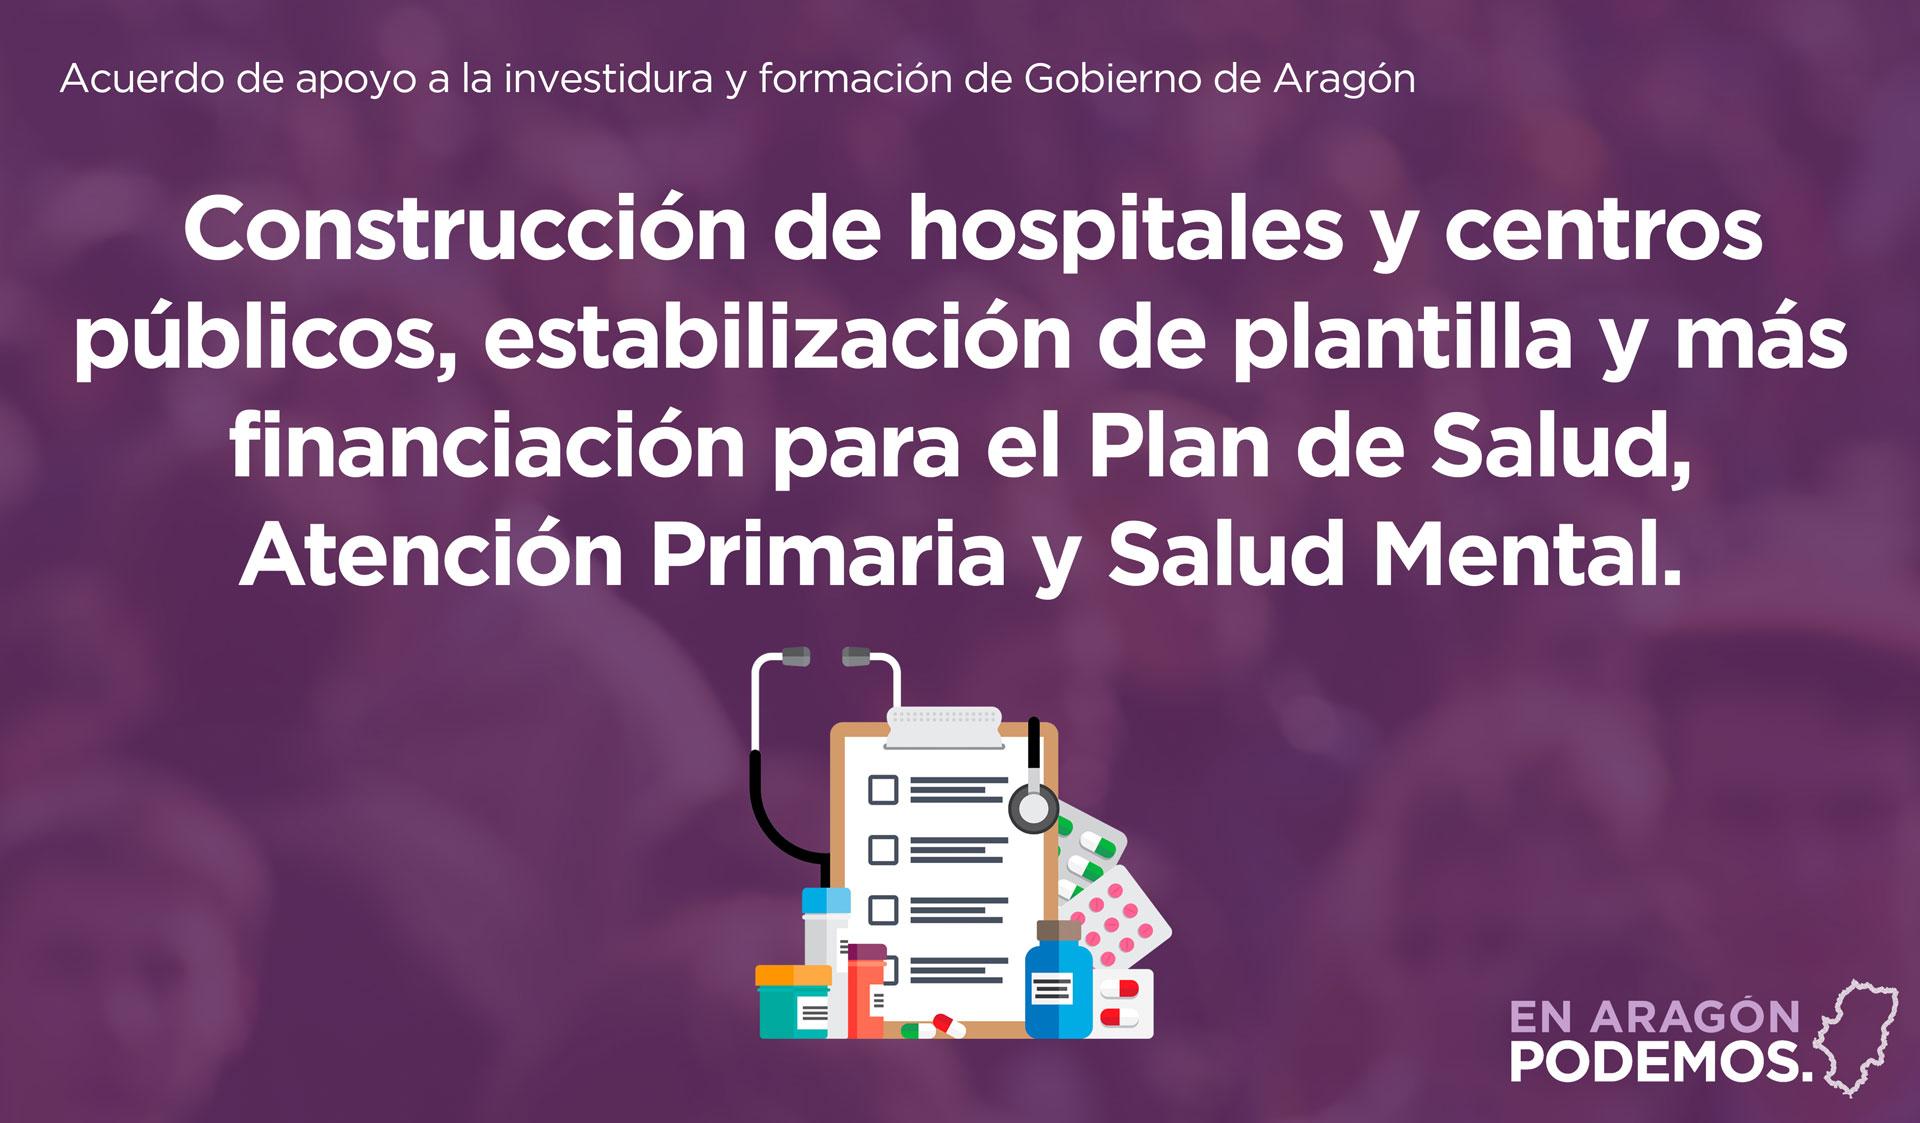 Construcción de hospitales e inversión en sanidad pública